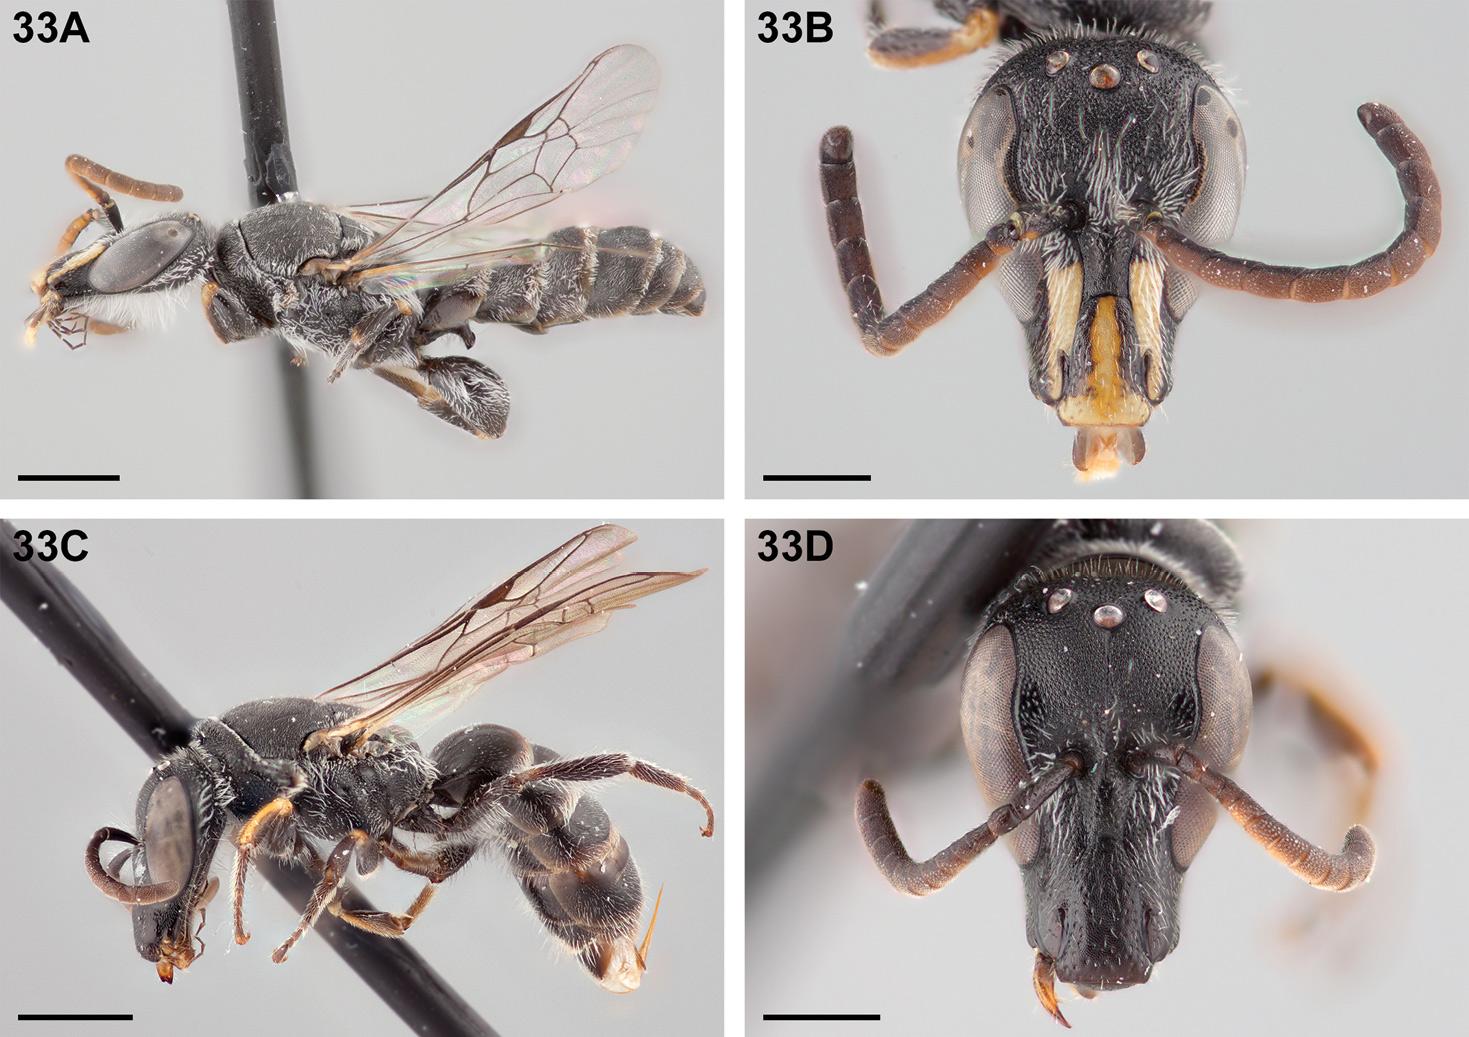 <i>Chilicola charizard</i>. Фото Спенсера Монктона. 33А— самец, общий вид, масштабная линейка— 1 мм; 33B— голова самца, масштабная линейка— 0,5 мм;  33C— самка, общий вид, линейка 1 мм; 33D— голова самки, линейка 0,5 мм.